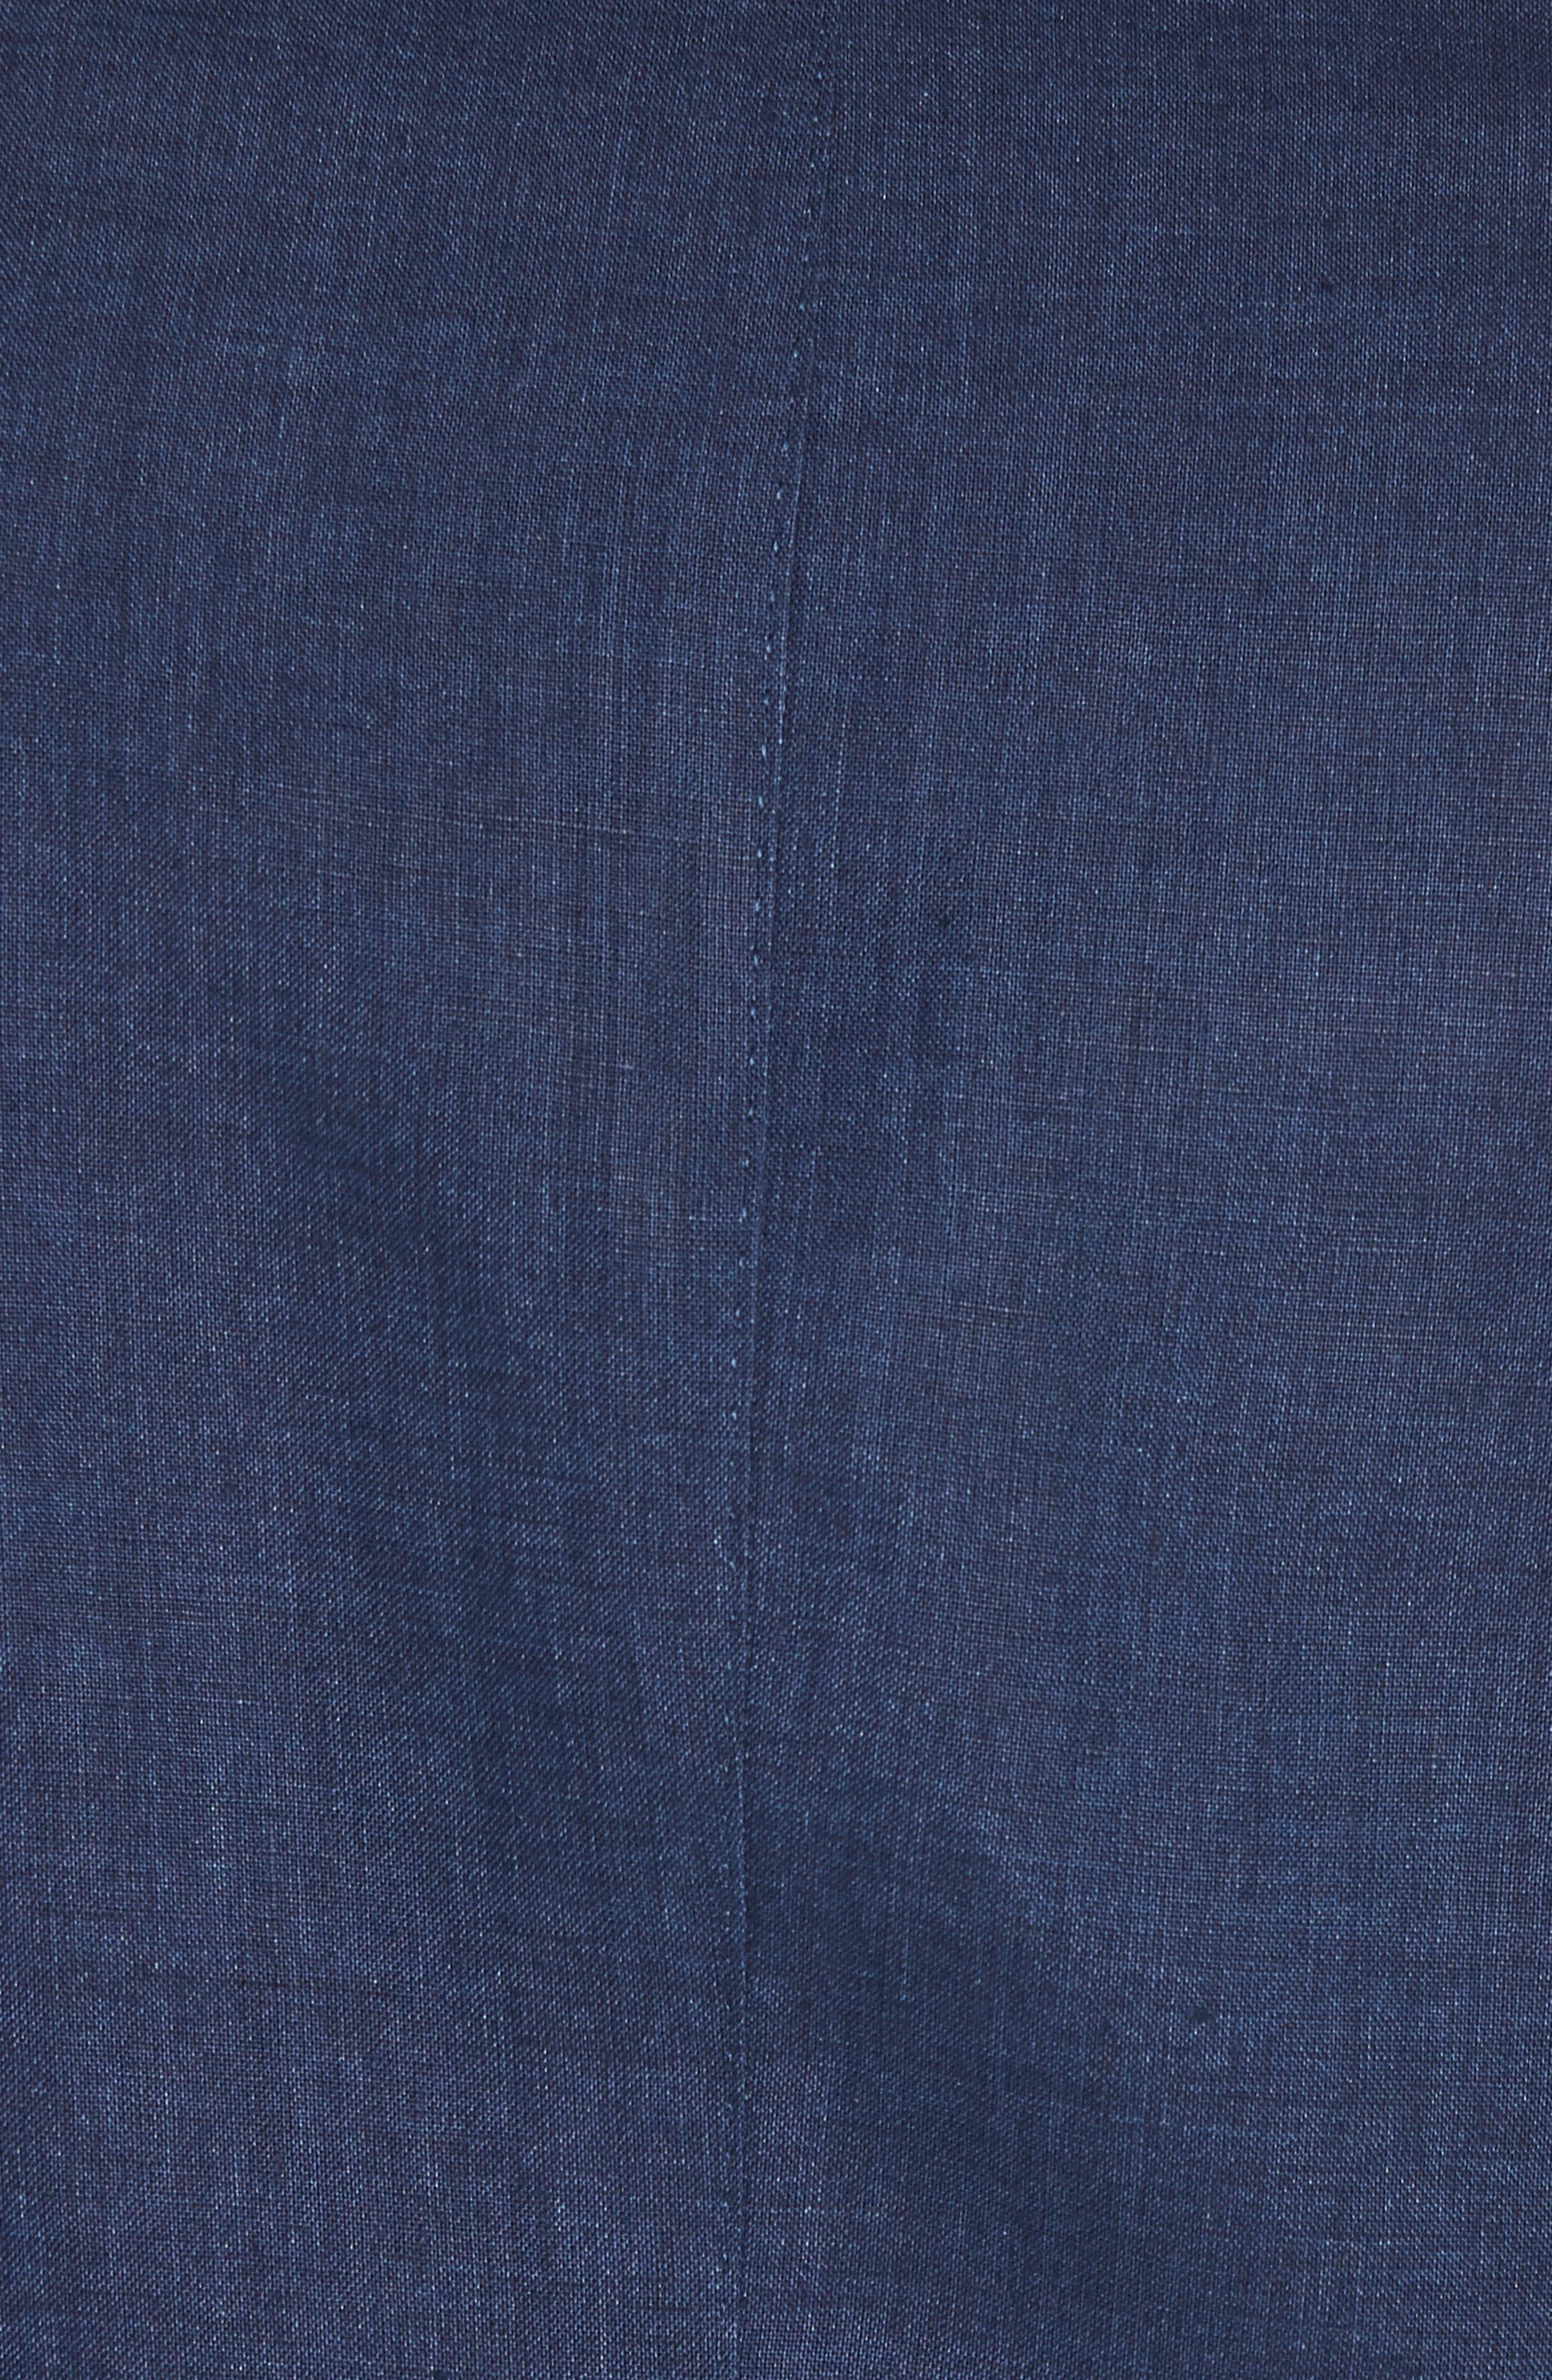 Jack AIM Classic Fit Linen Blazer,                             Alternate thumbnail 6, color,                             NAVY